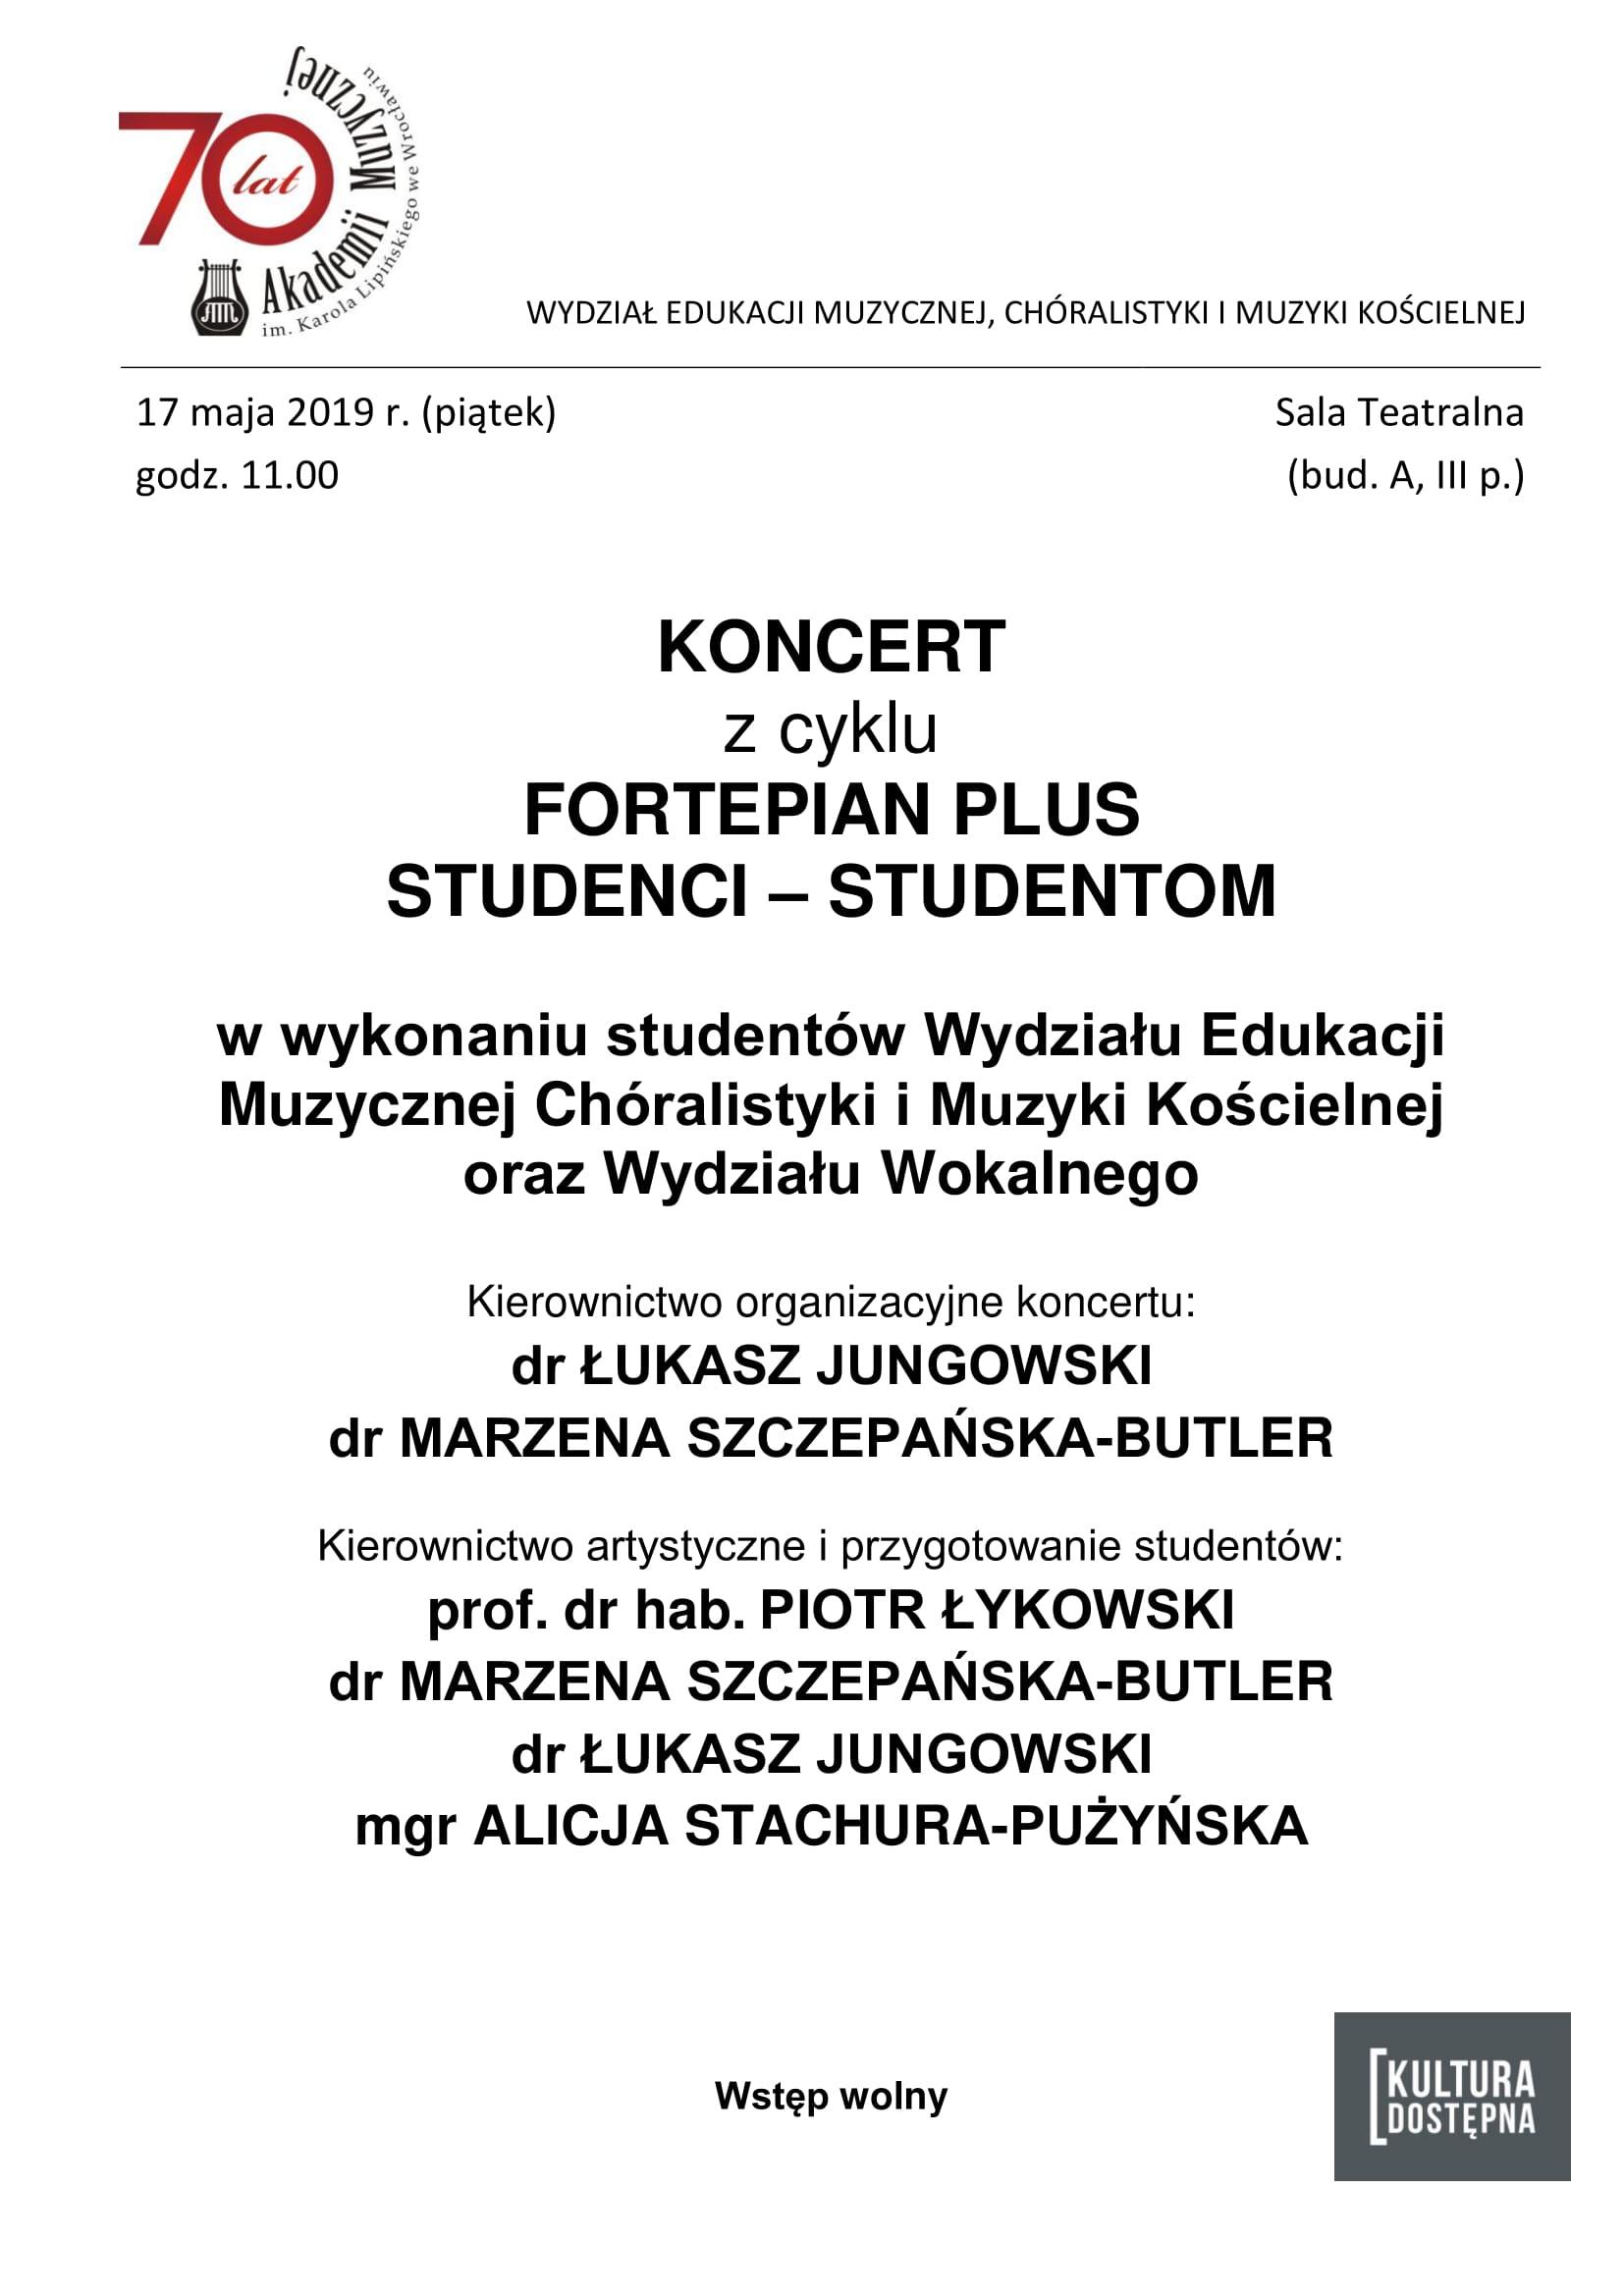 Koncert z cyklu